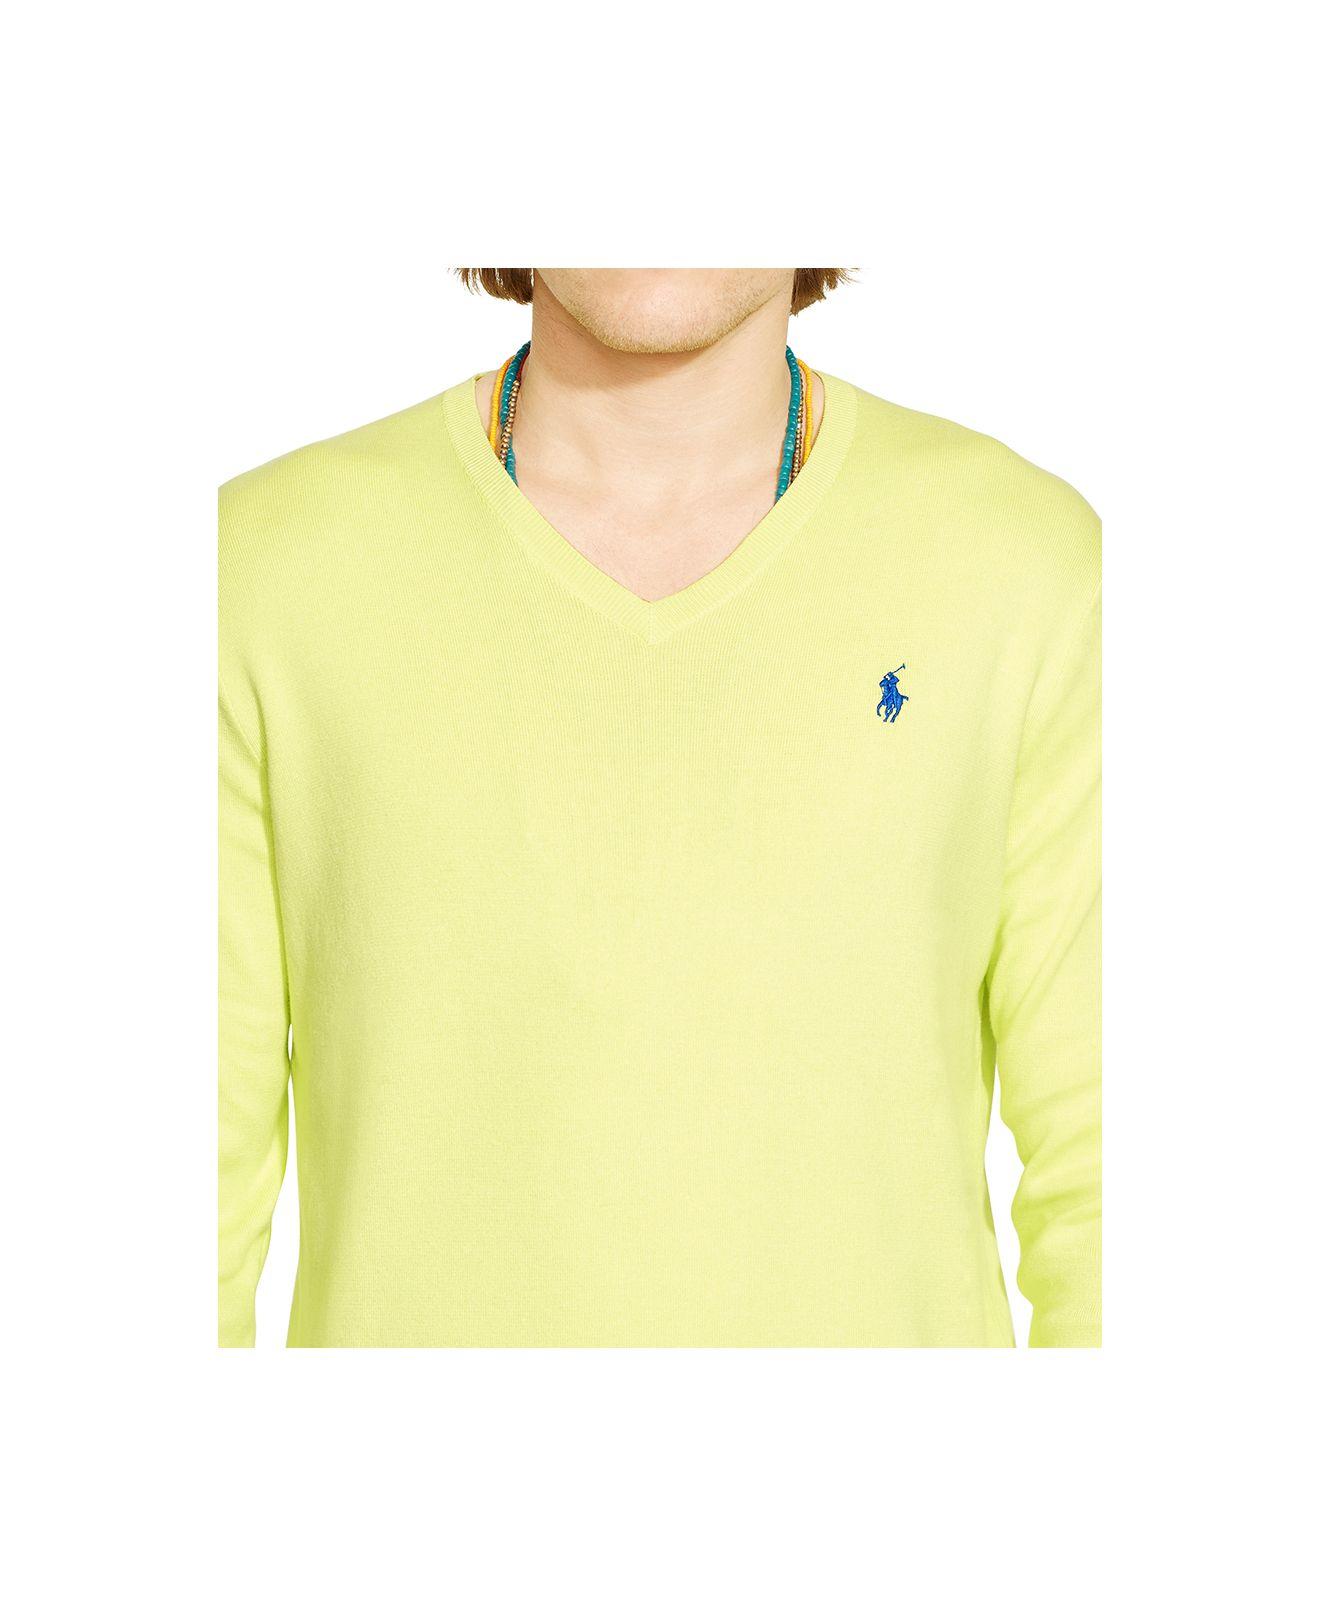 ... cheap lyst polo ralph lauren v neck sweater in yellow for men a1b0b  913d1 570bbdfe91d